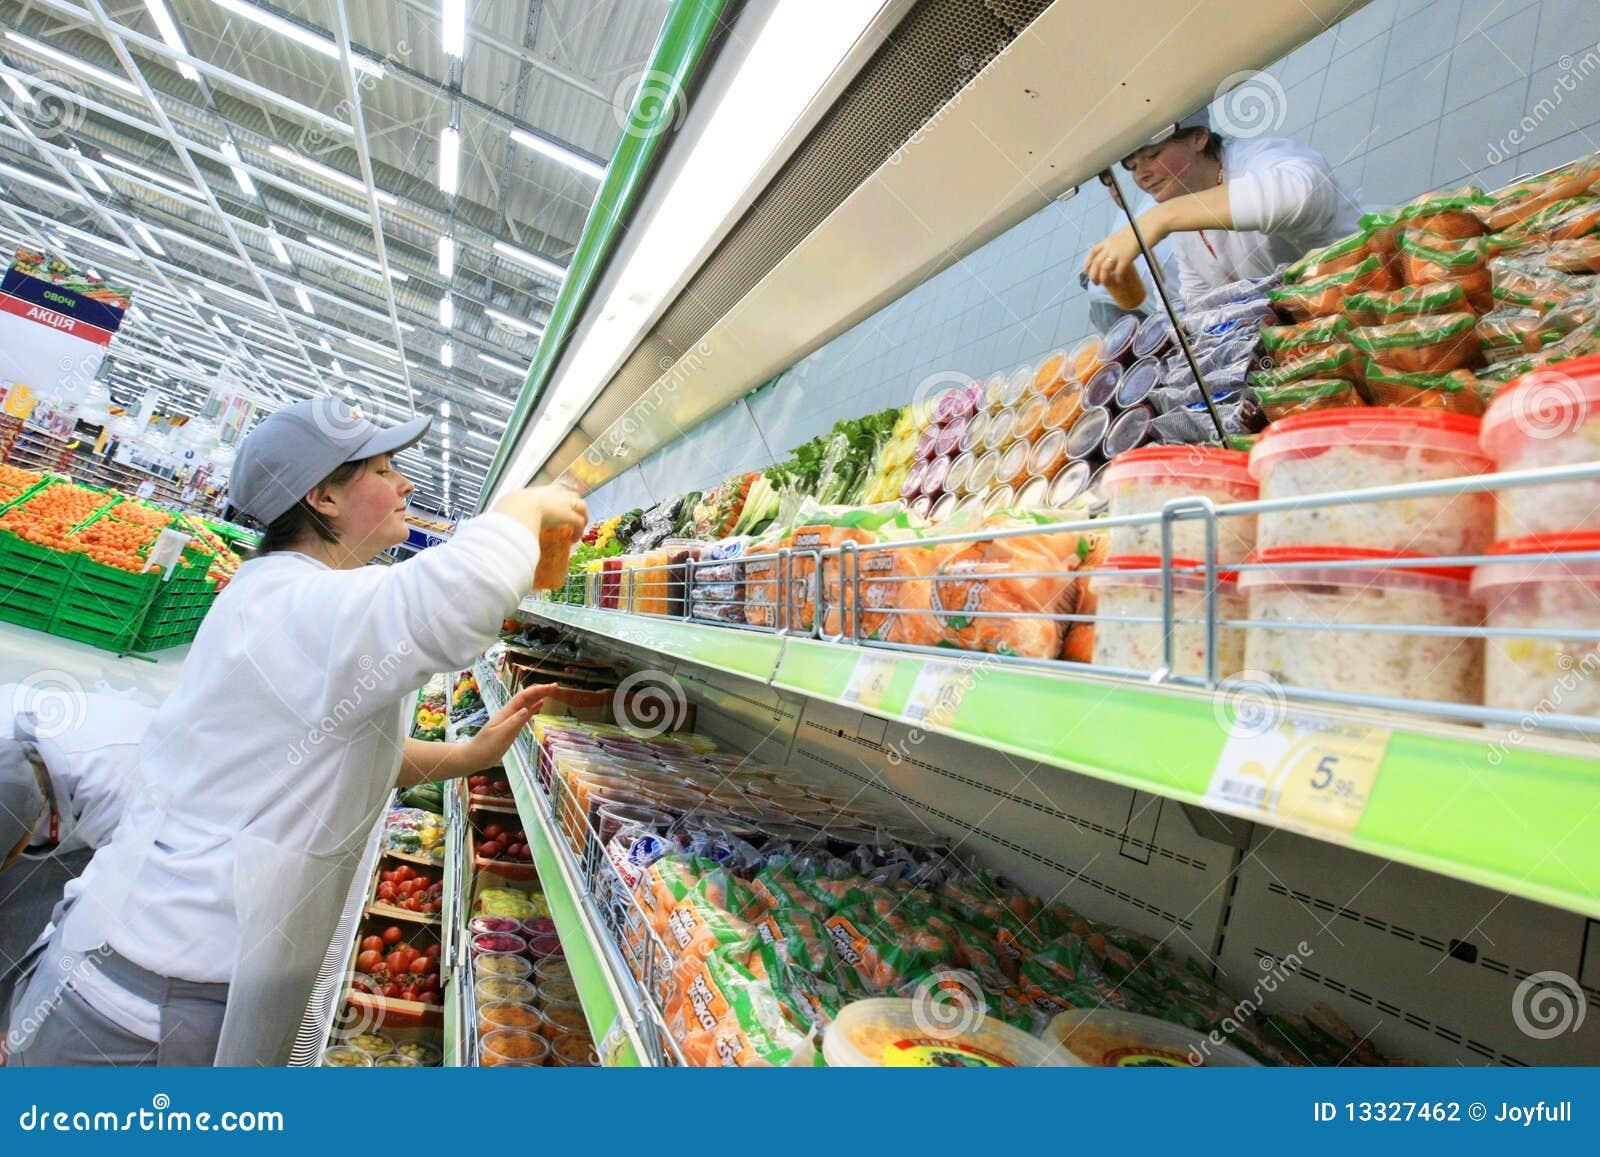 Worker in supermarket